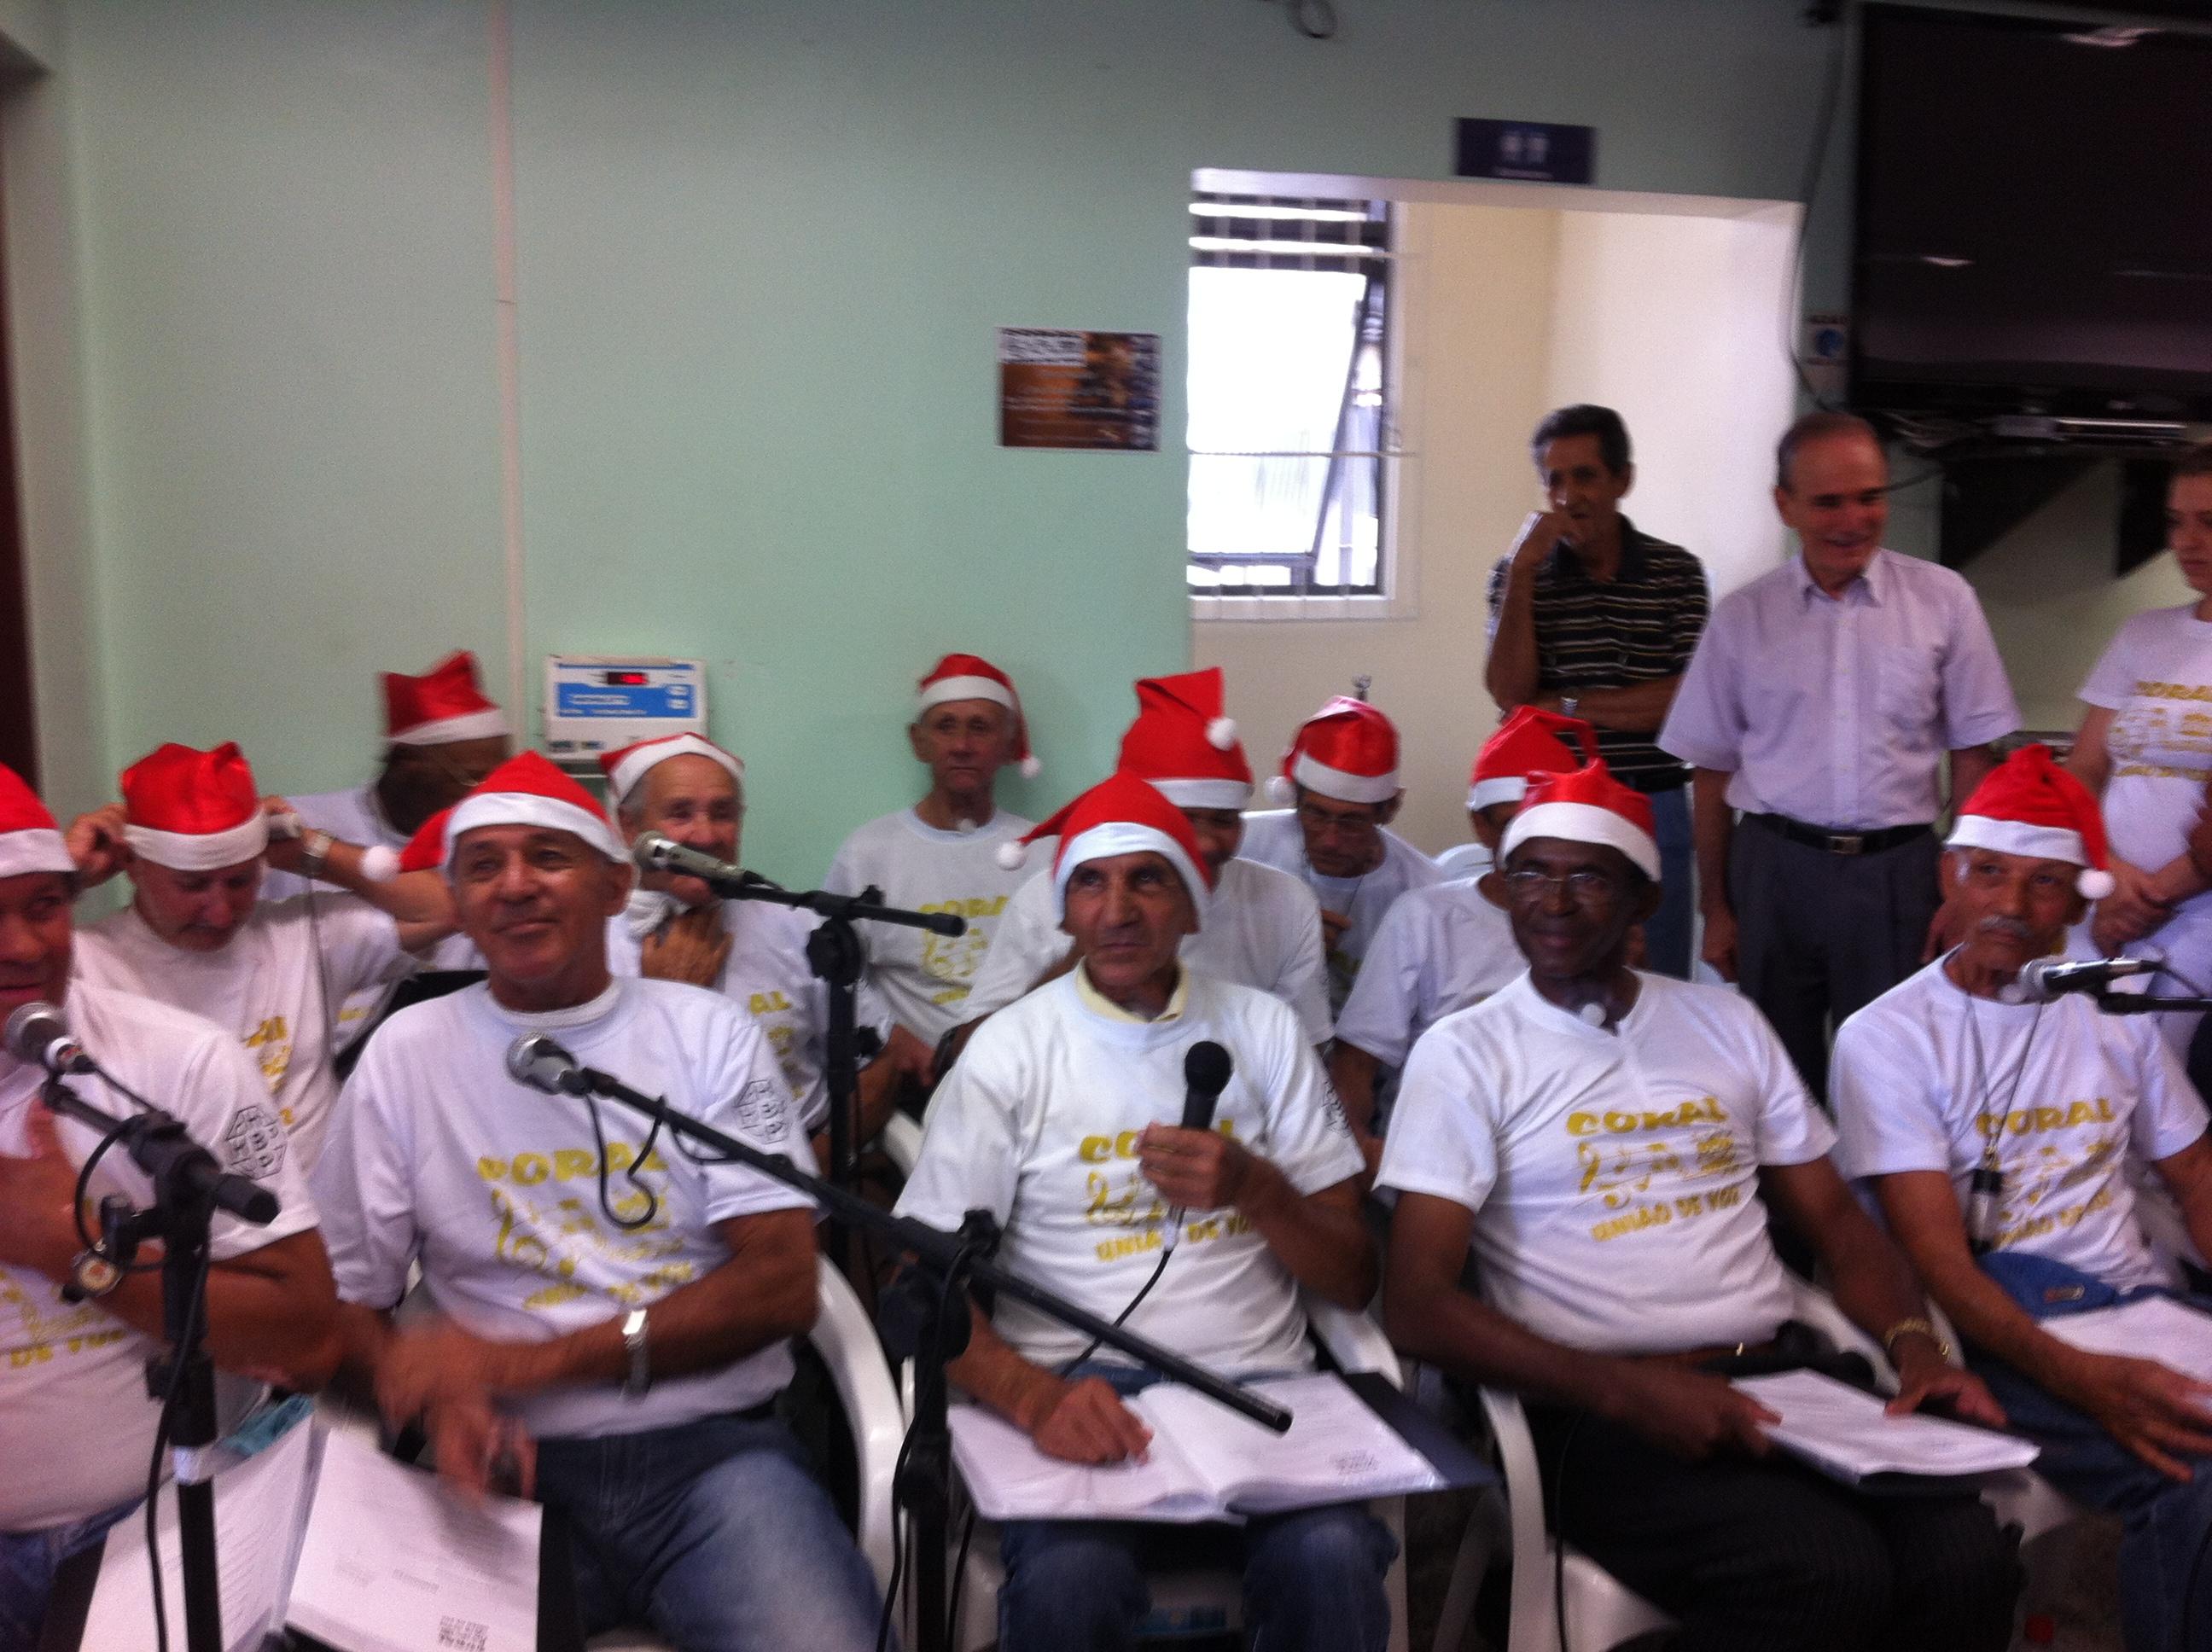 A prova disso poderá ser conferida nesta quarta-feira (23), com a apresentação do Coral União de Voz no Hospital Bom Pastor de Varginha a partir das 10:00 horas